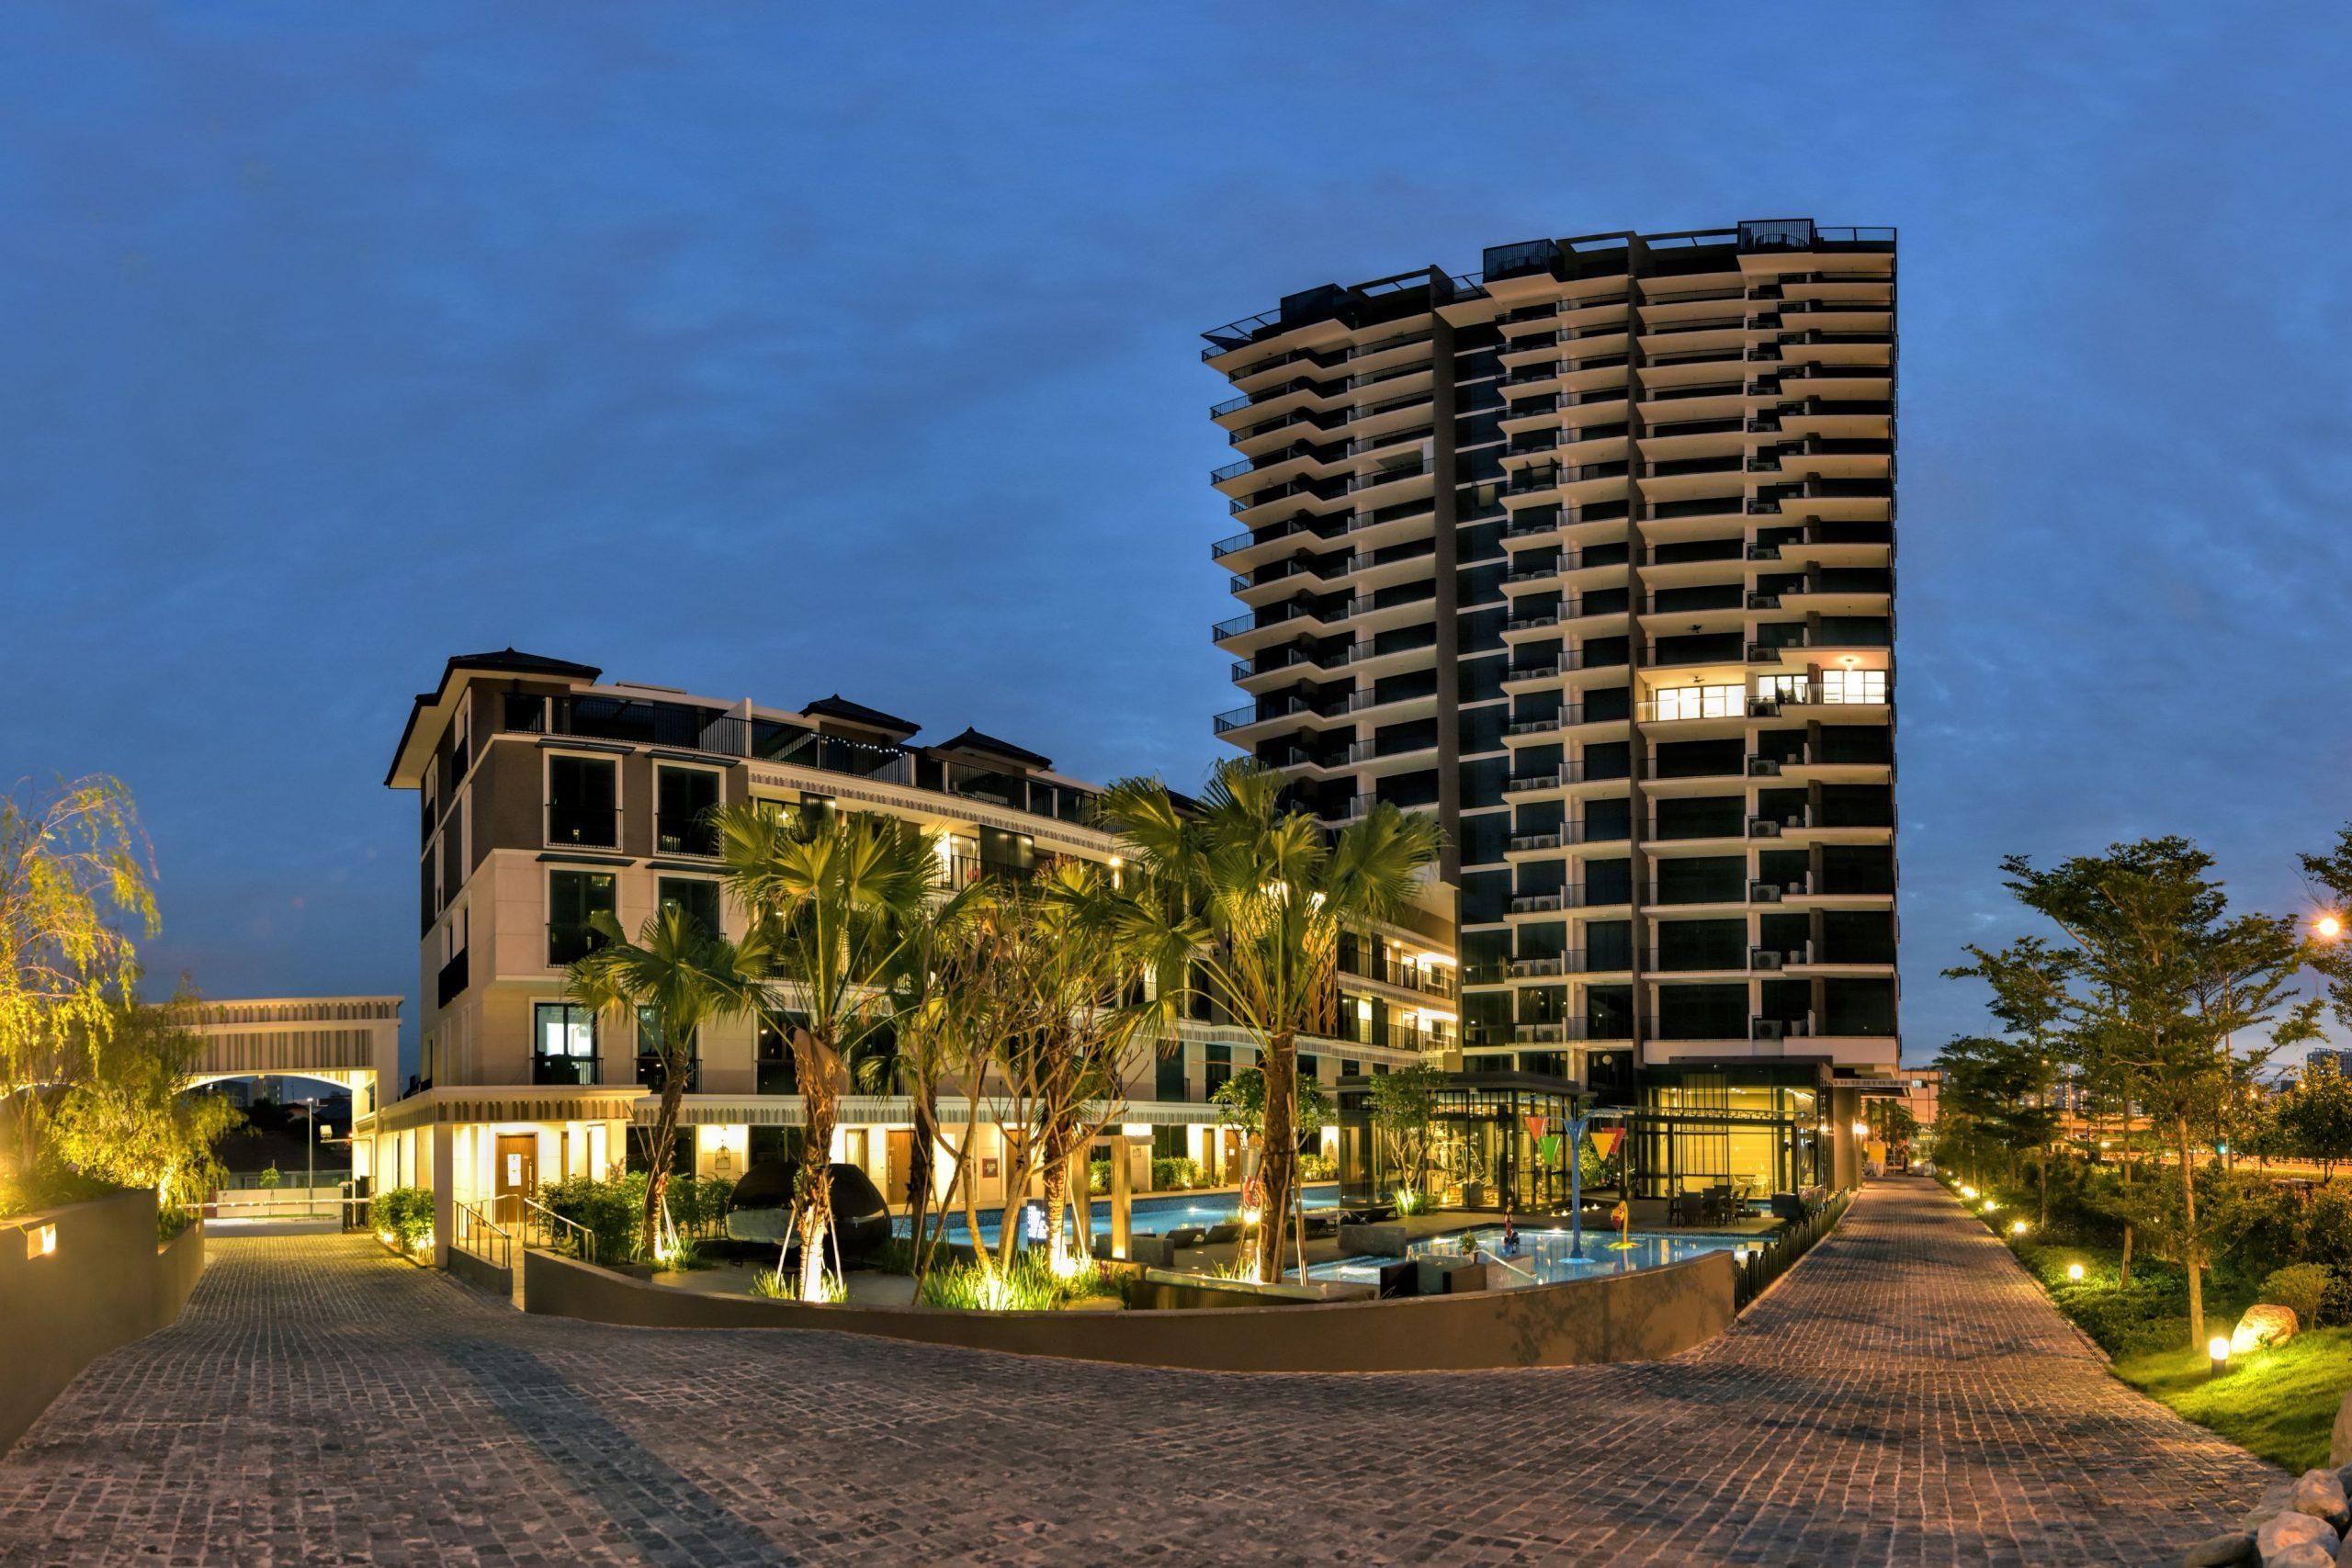 Sant Ritz Condominium